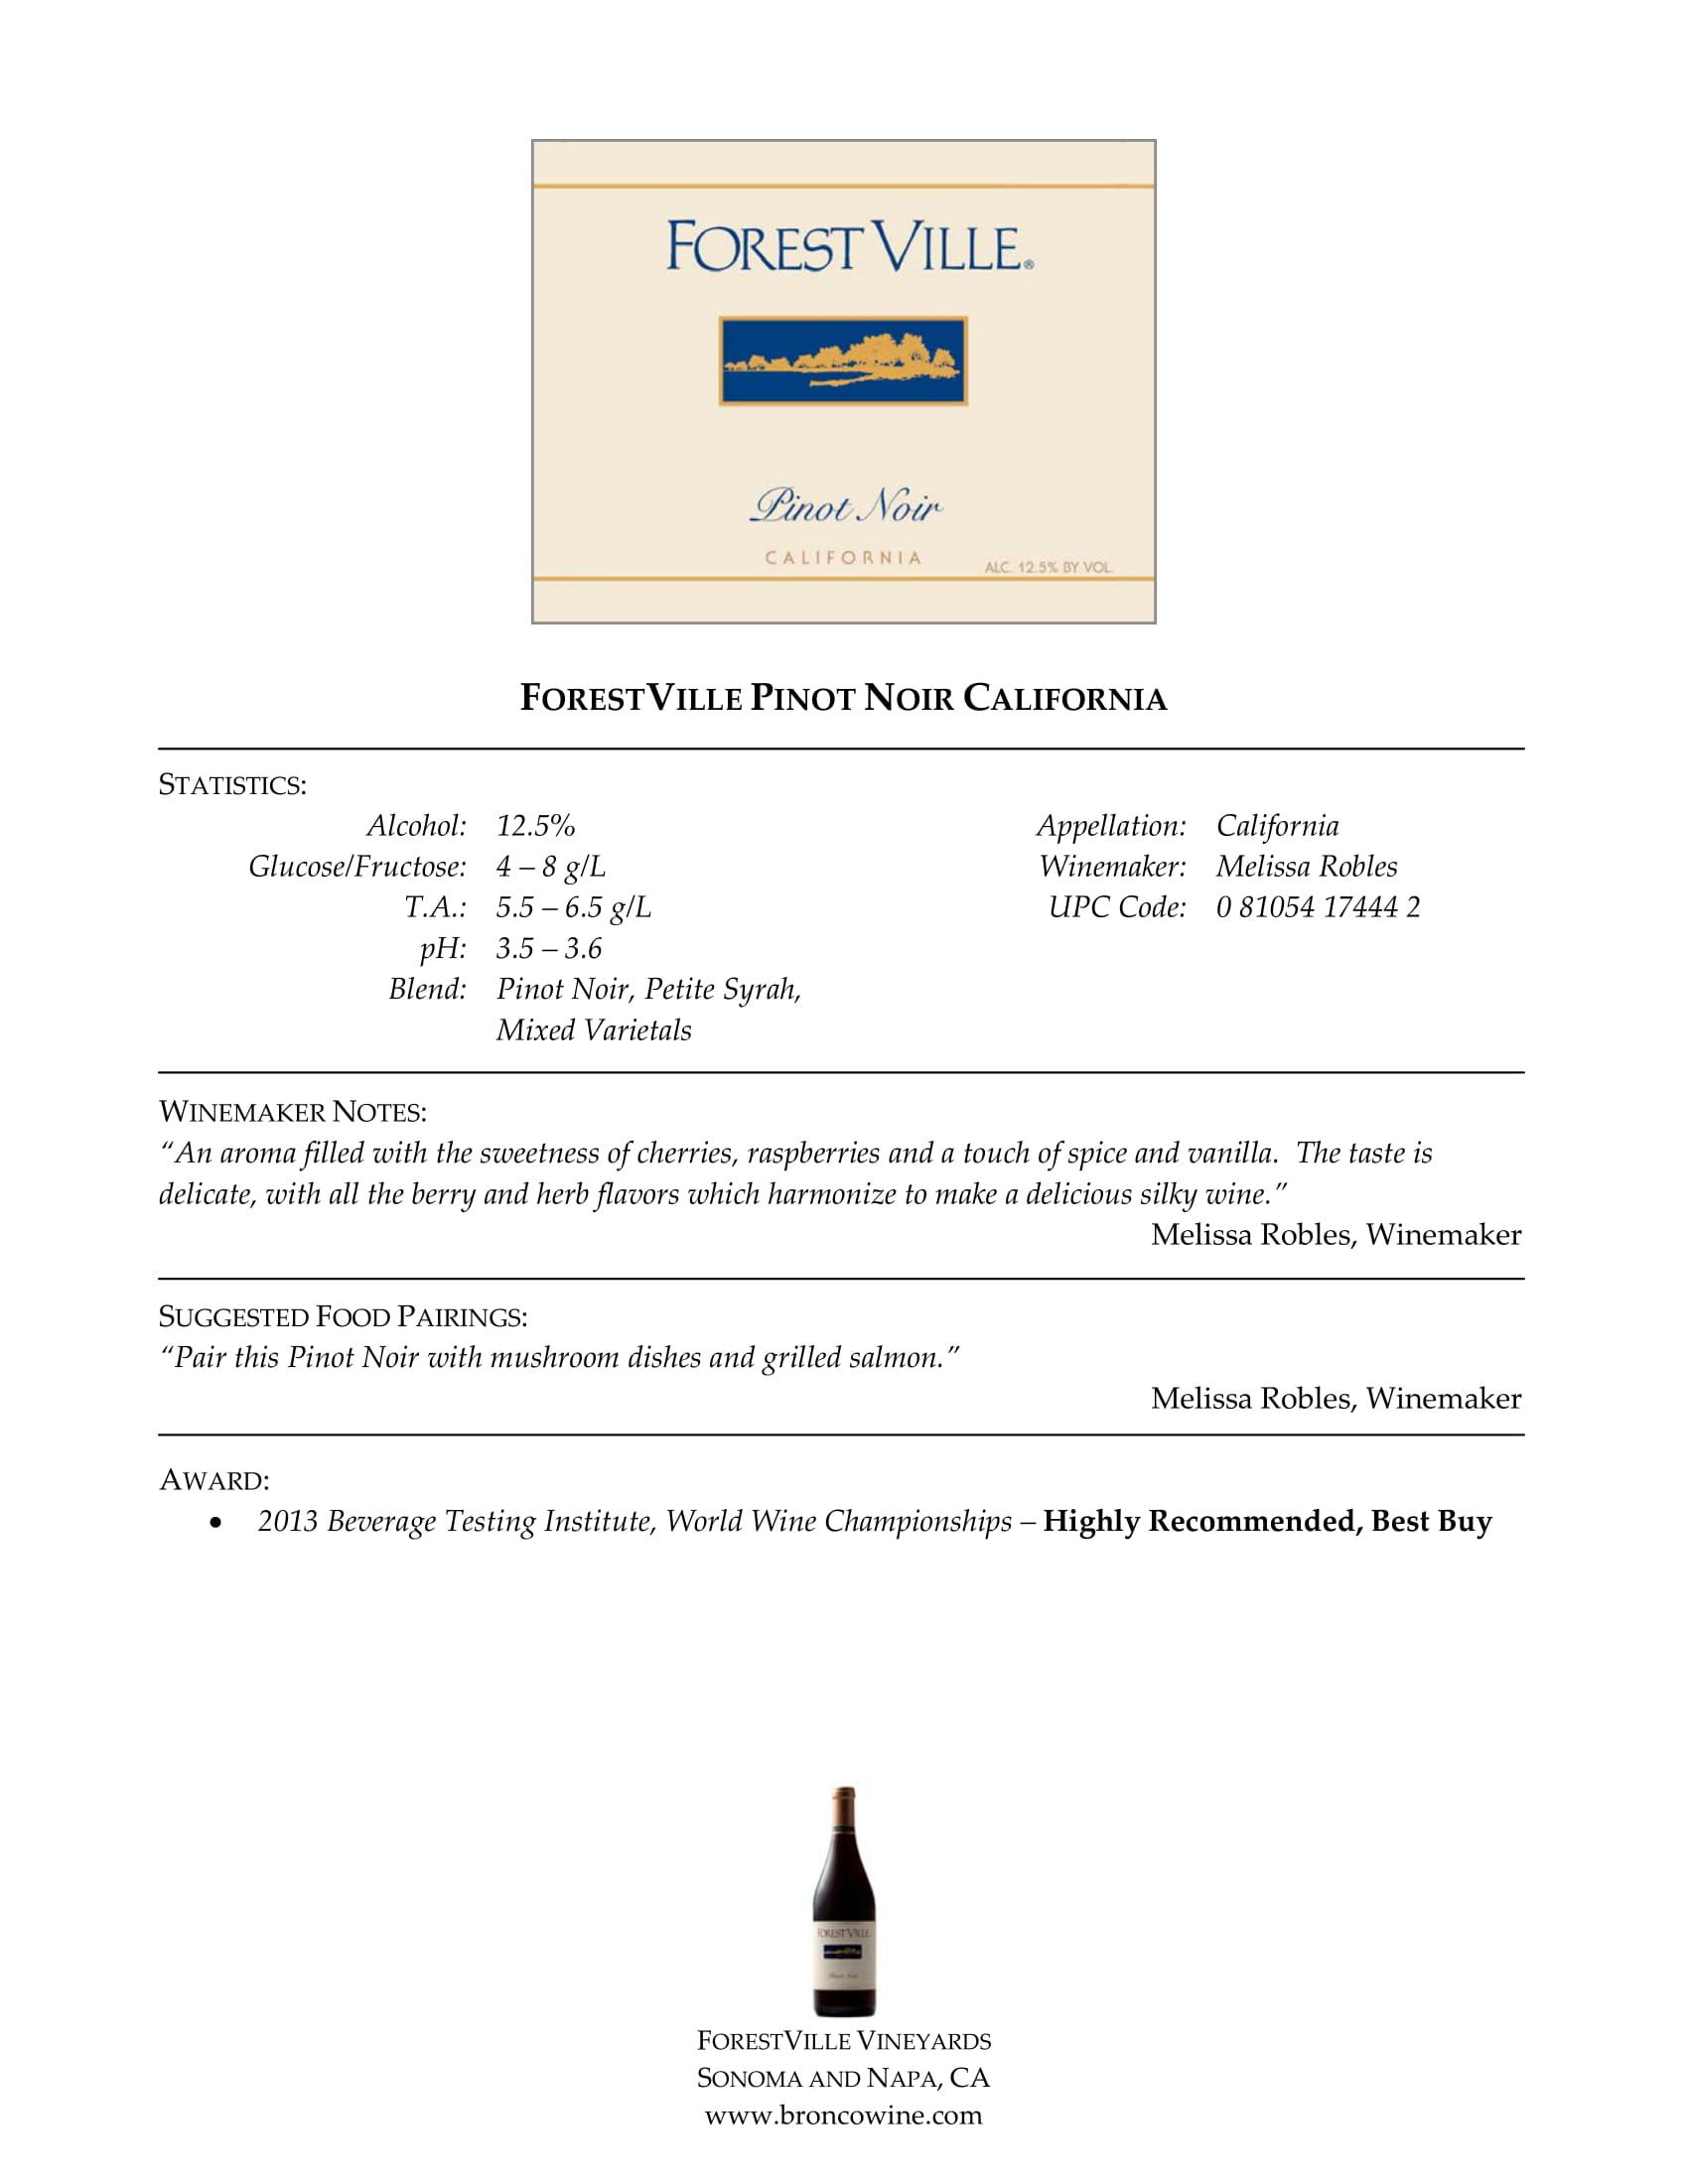 Forest Ville Pinot Noir Tech Sheet